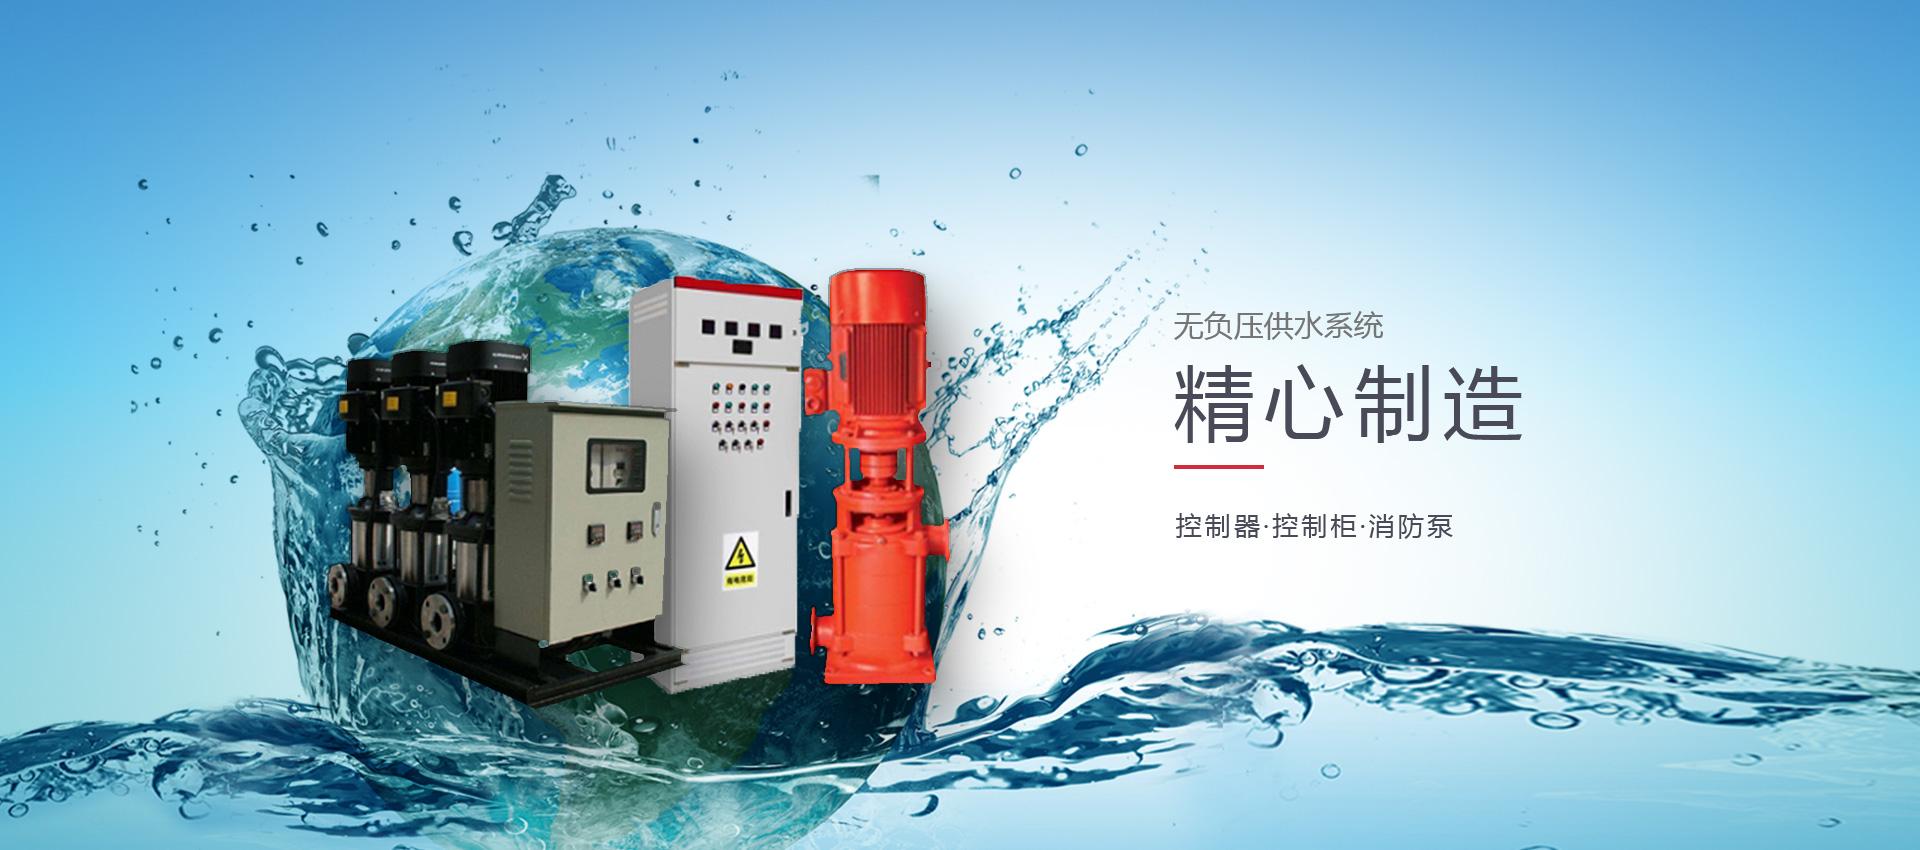 新乡水泵有限公司